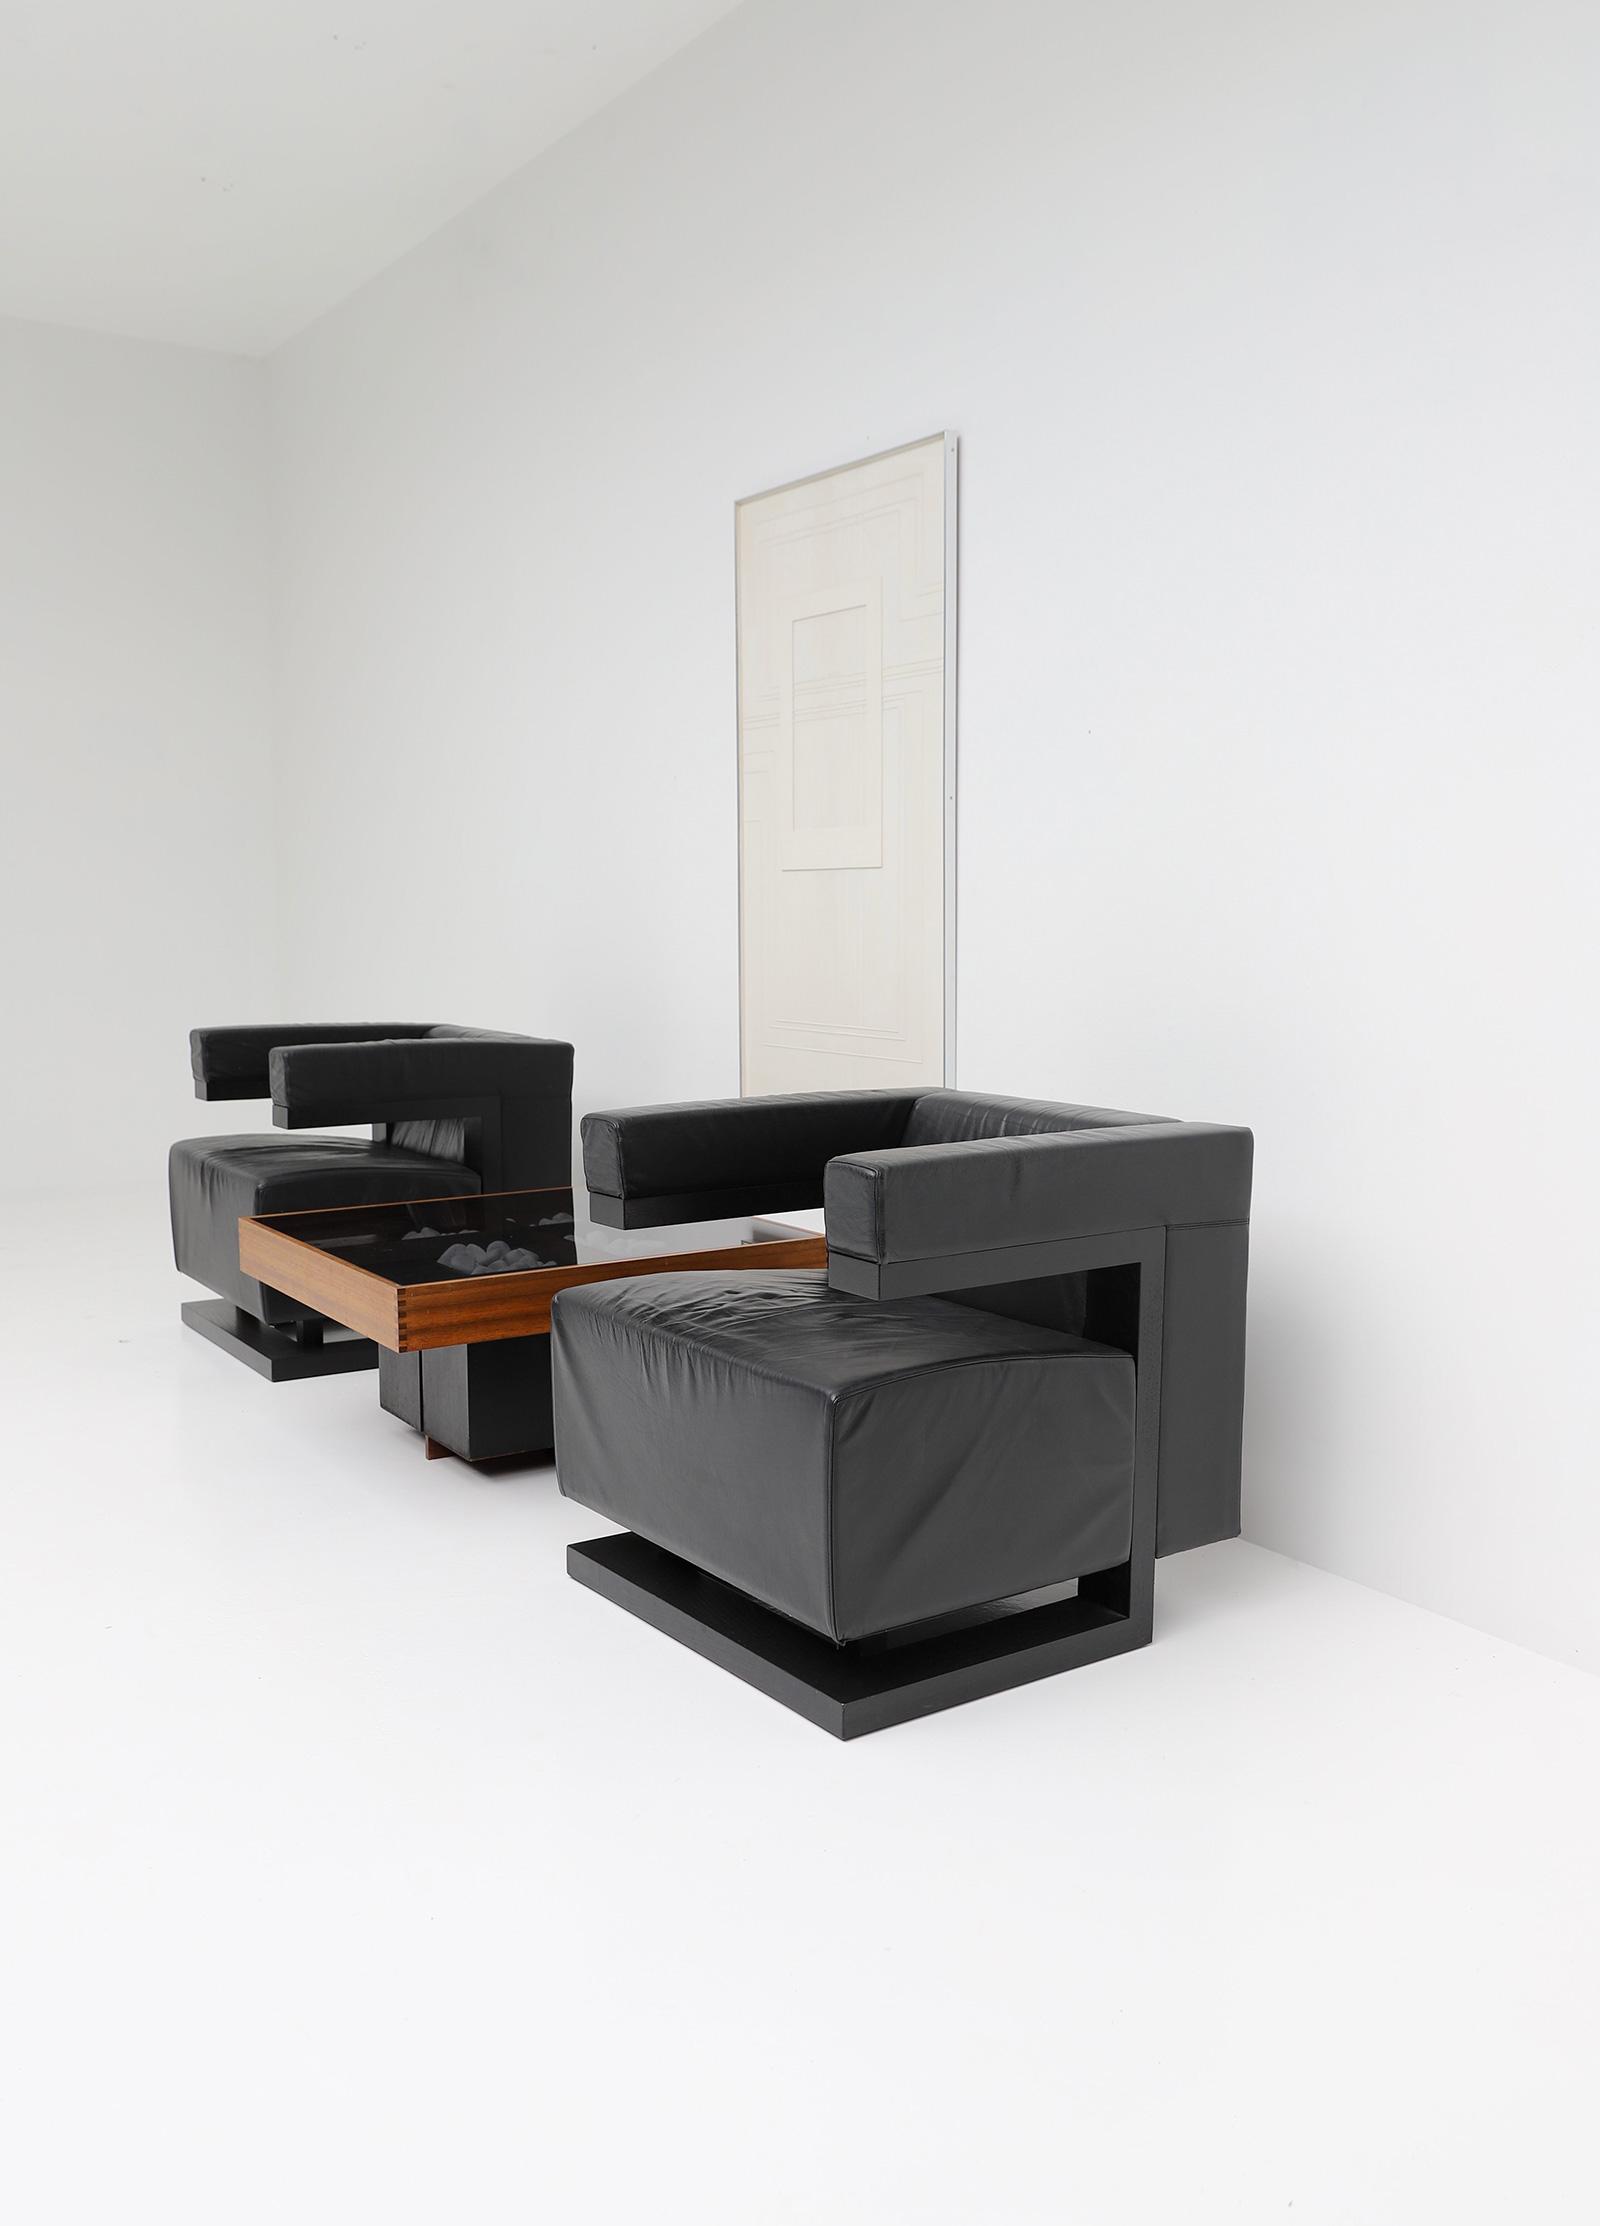 F51 Armchairs Walter Gropius Bauhaus Weimarimage 2